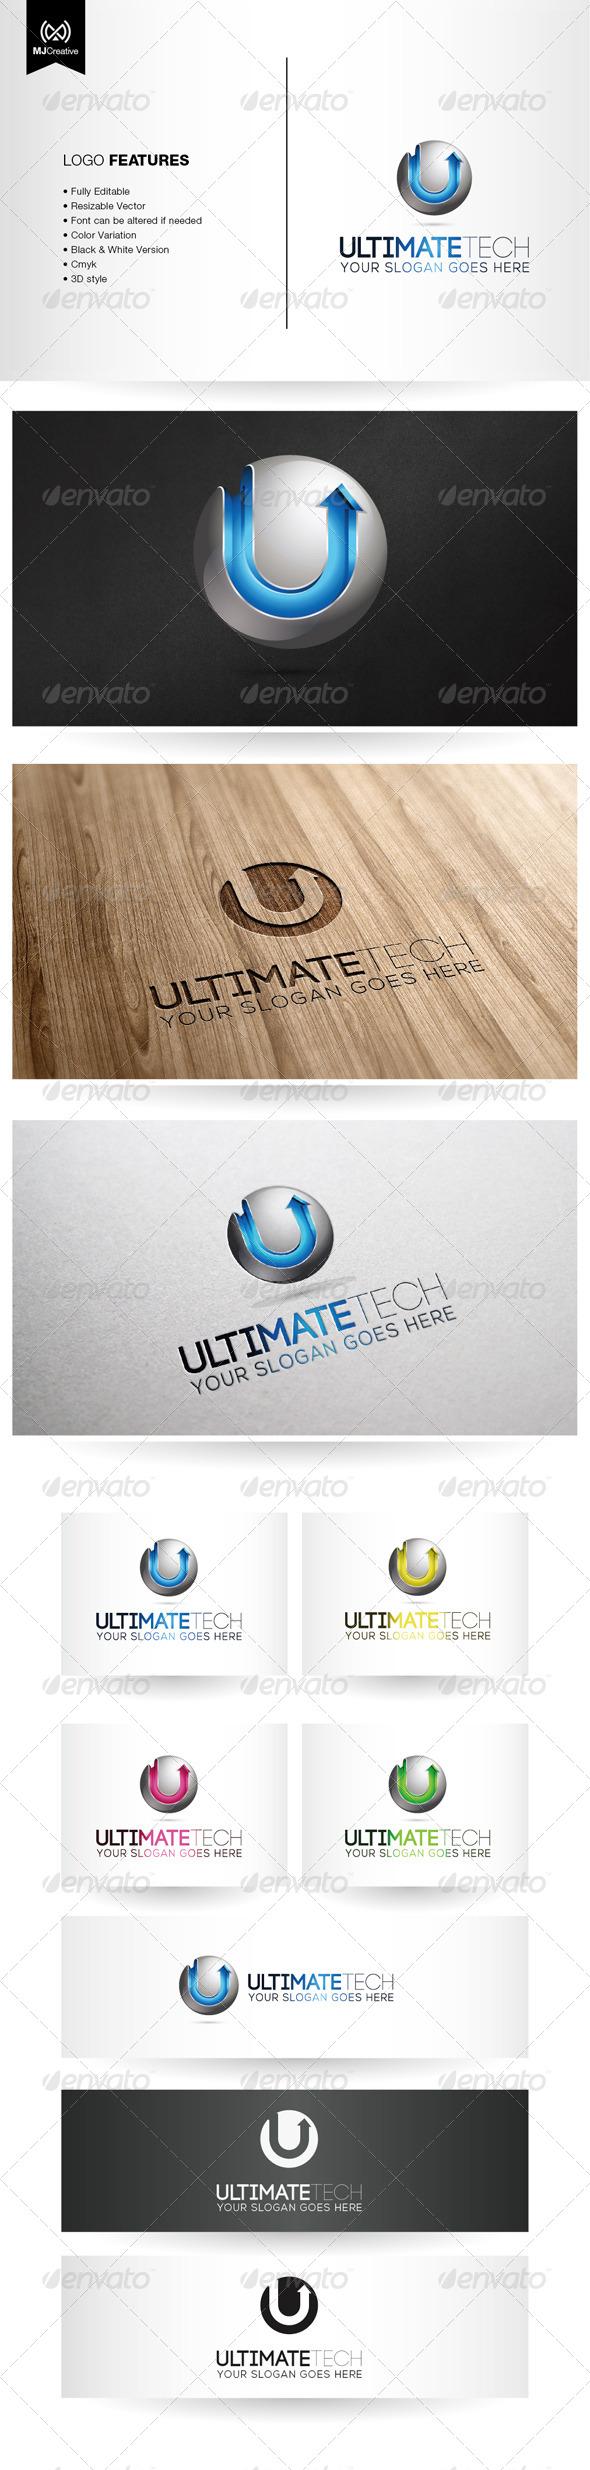 Logotipo para Empresas de Mantenimiento.